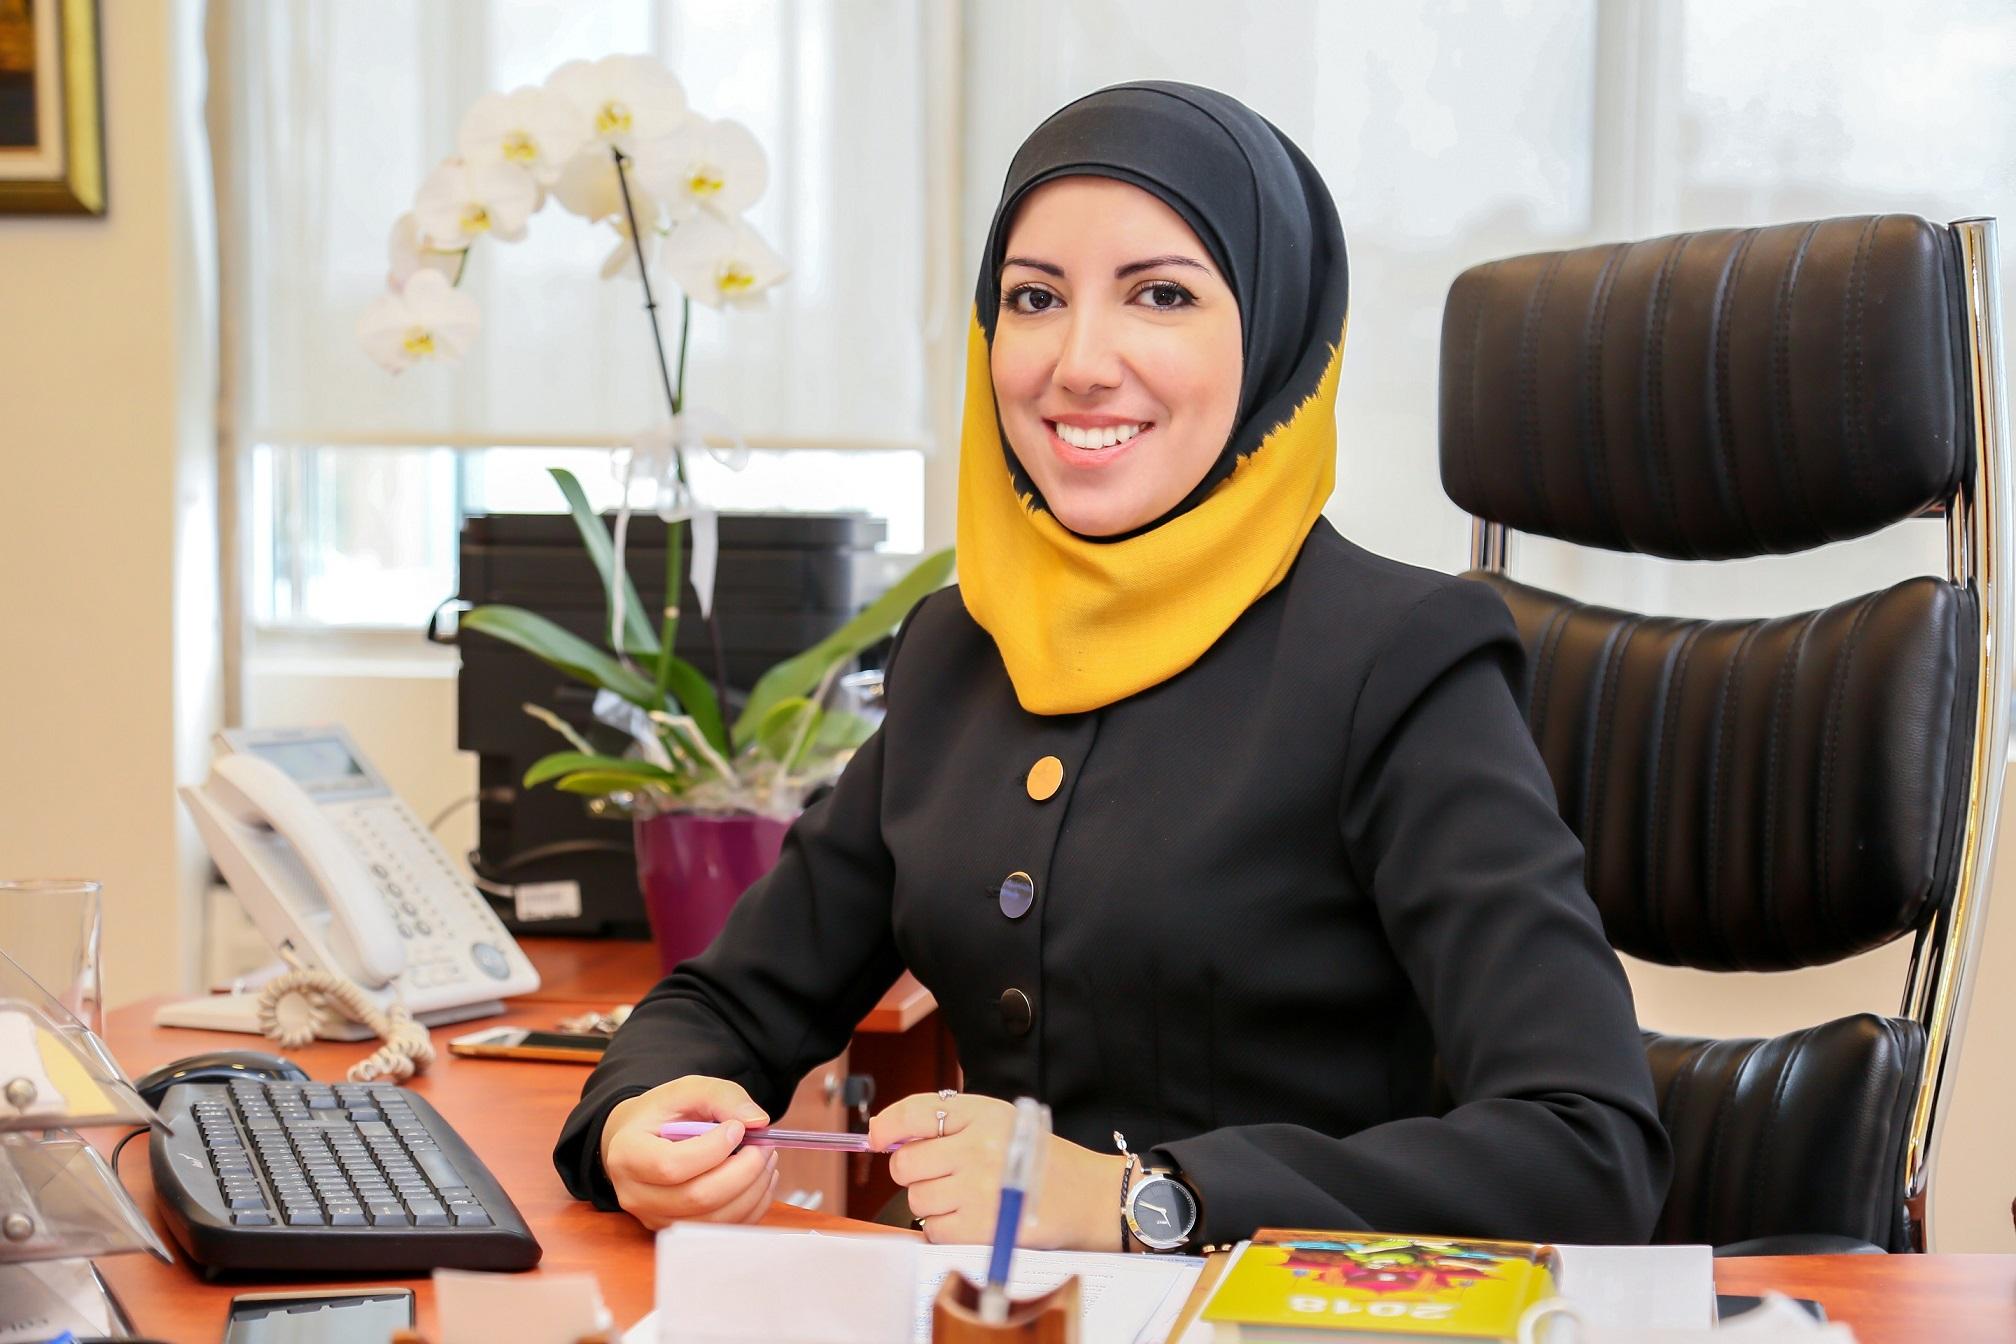 LEBANON - Hiba Ballout